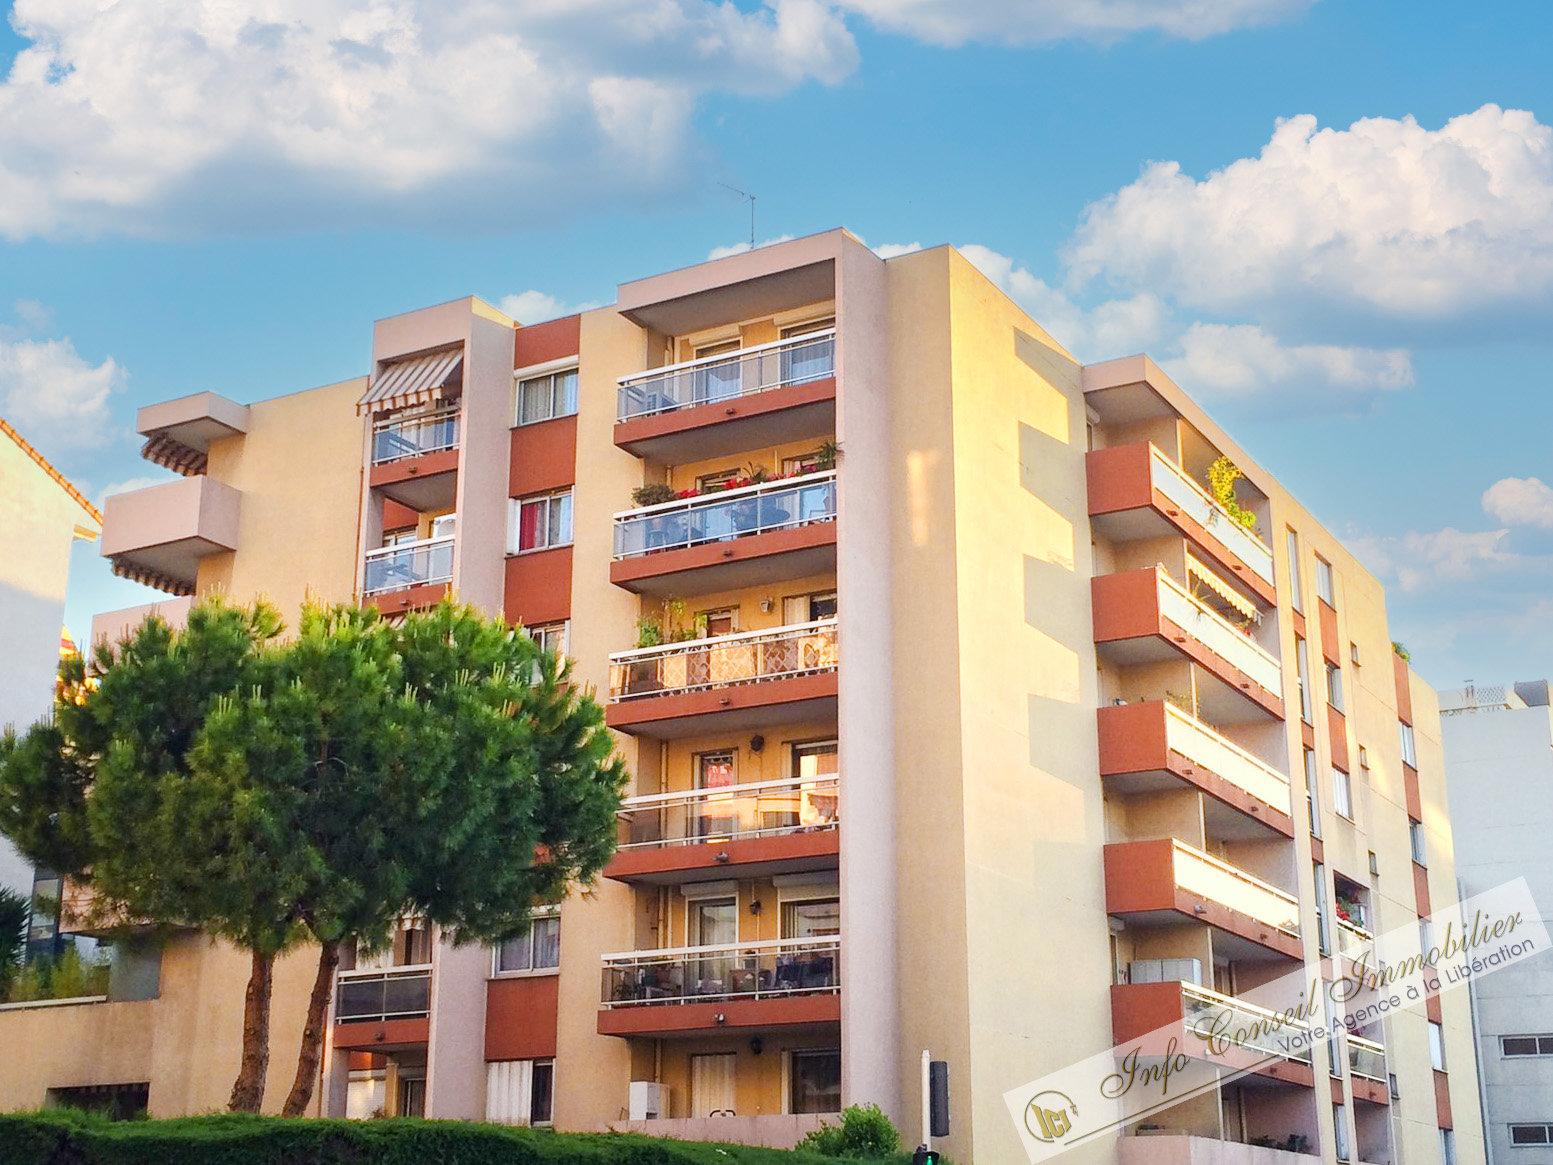 COEUR LIBÉRATION - 3P Terrasse - Refait à neuf, Meublé, équipé - Possibilité Garage - 265.000 €